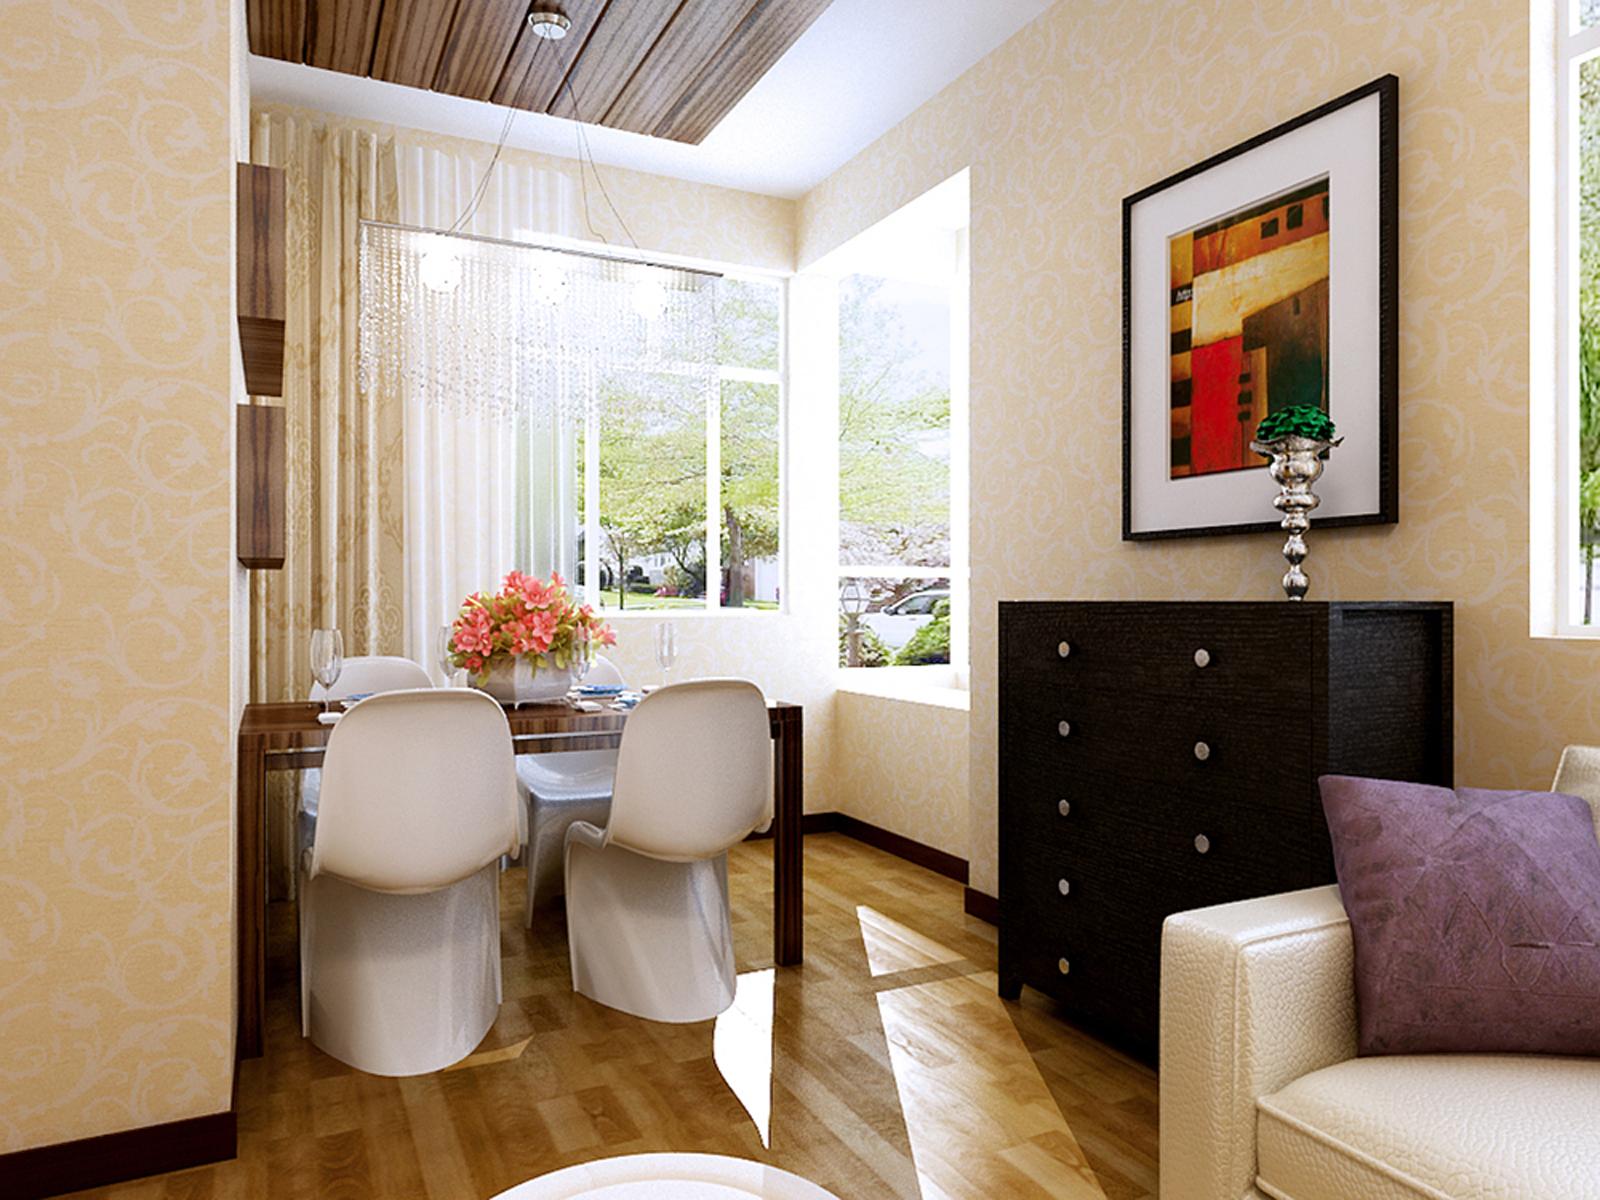 混搭 一居室装修 新房装修 餐厅图片来自实创装饰上海公司在虚实隐现的禅意空间的分享